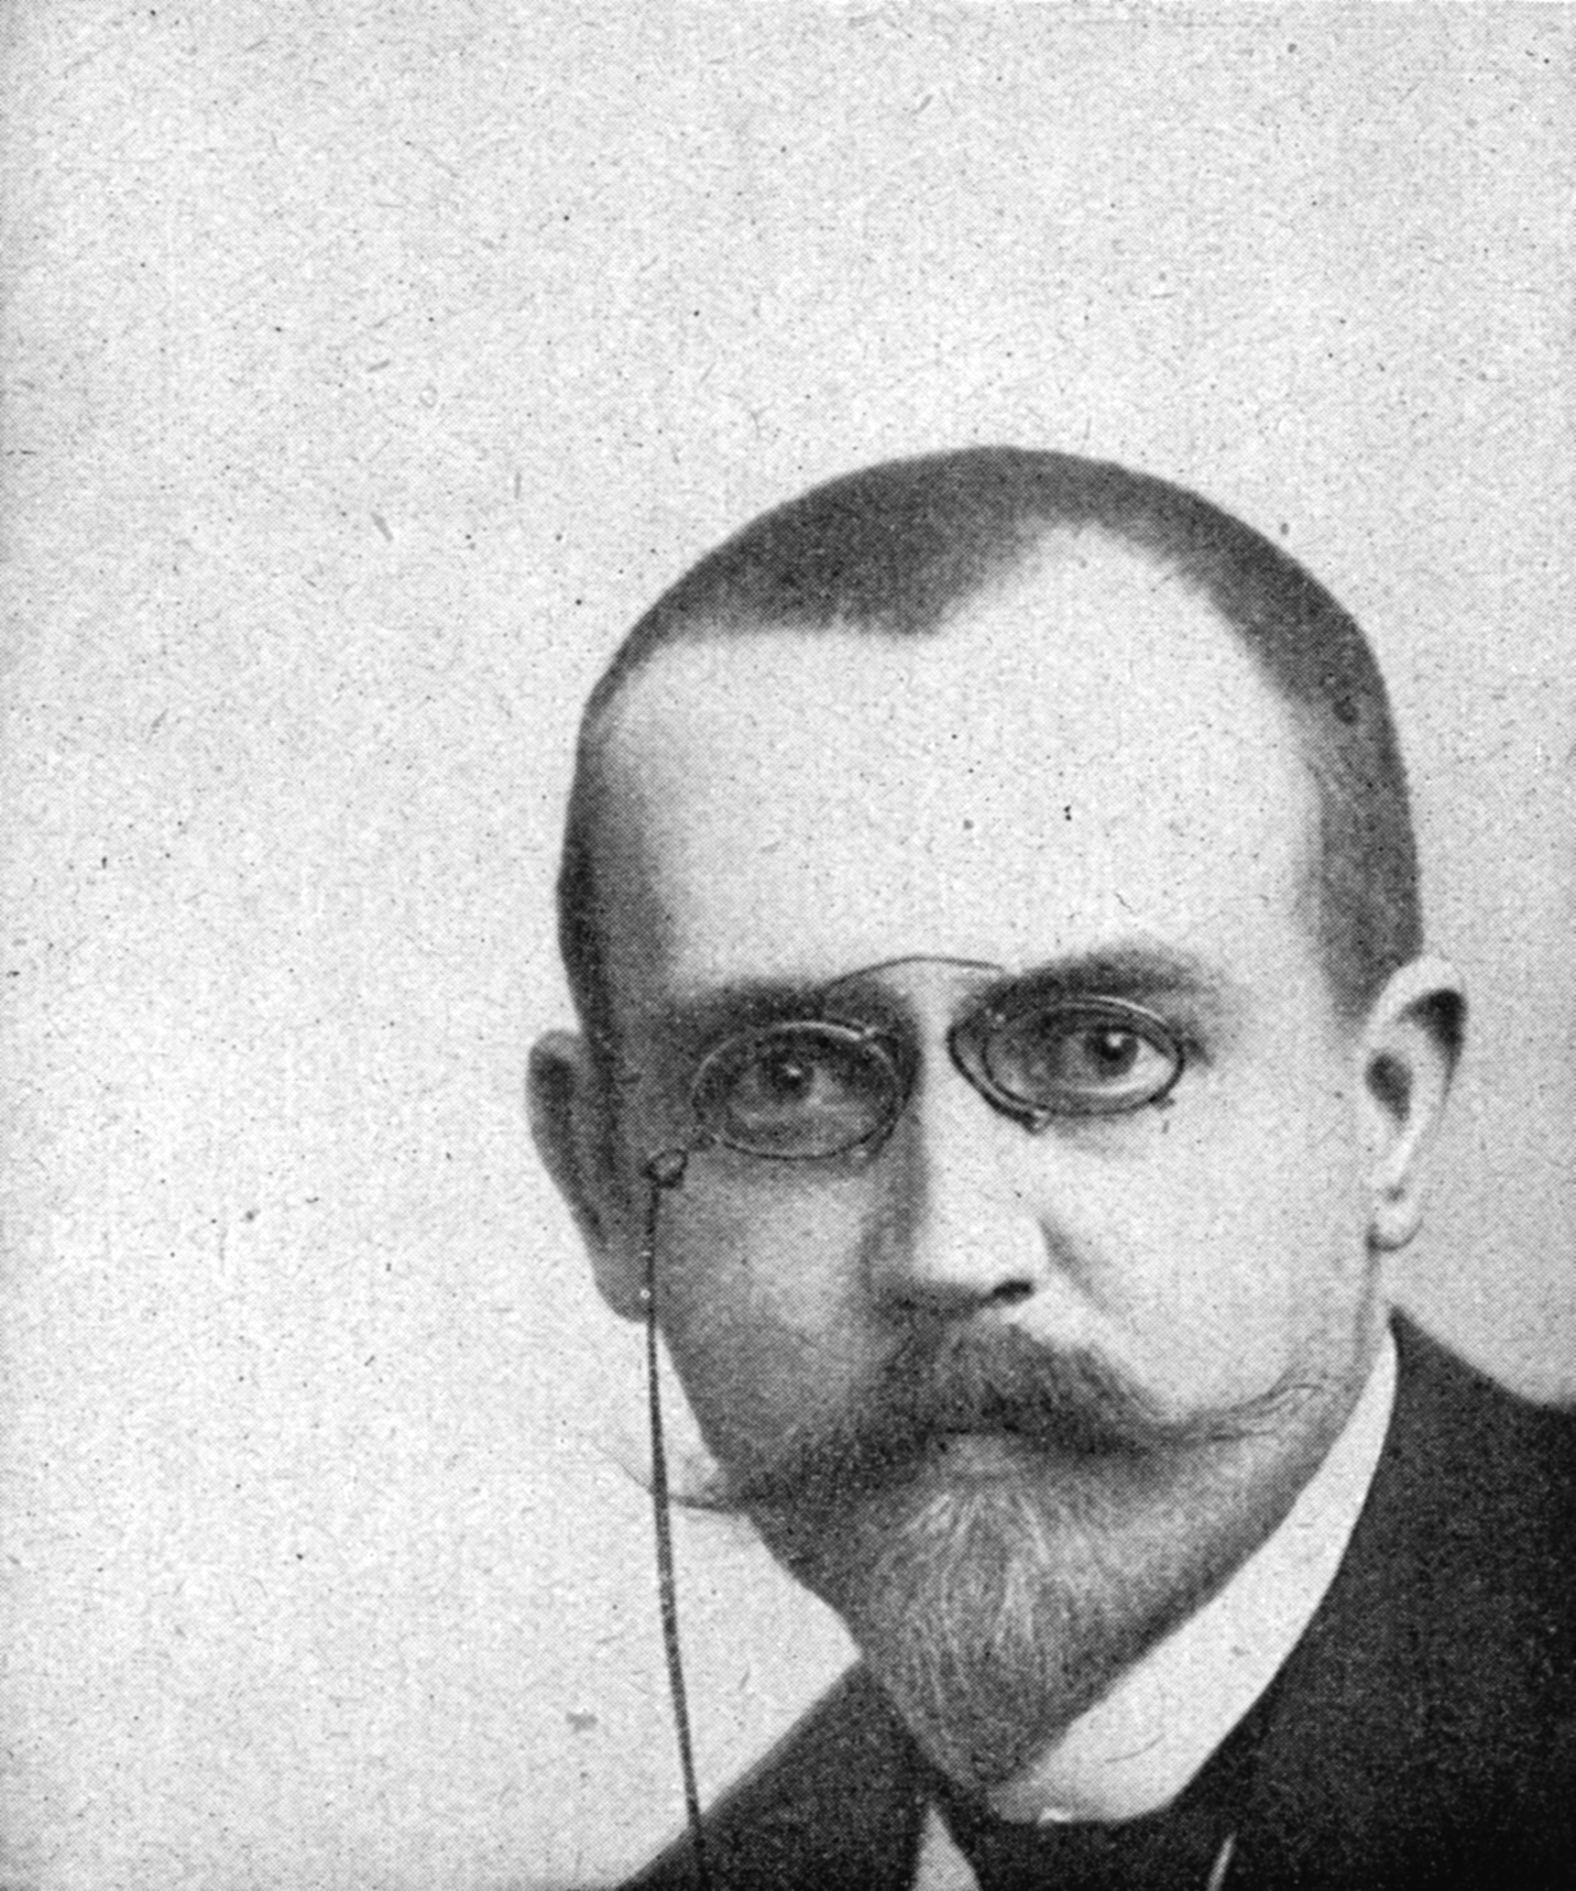 Paul Scheerbarth